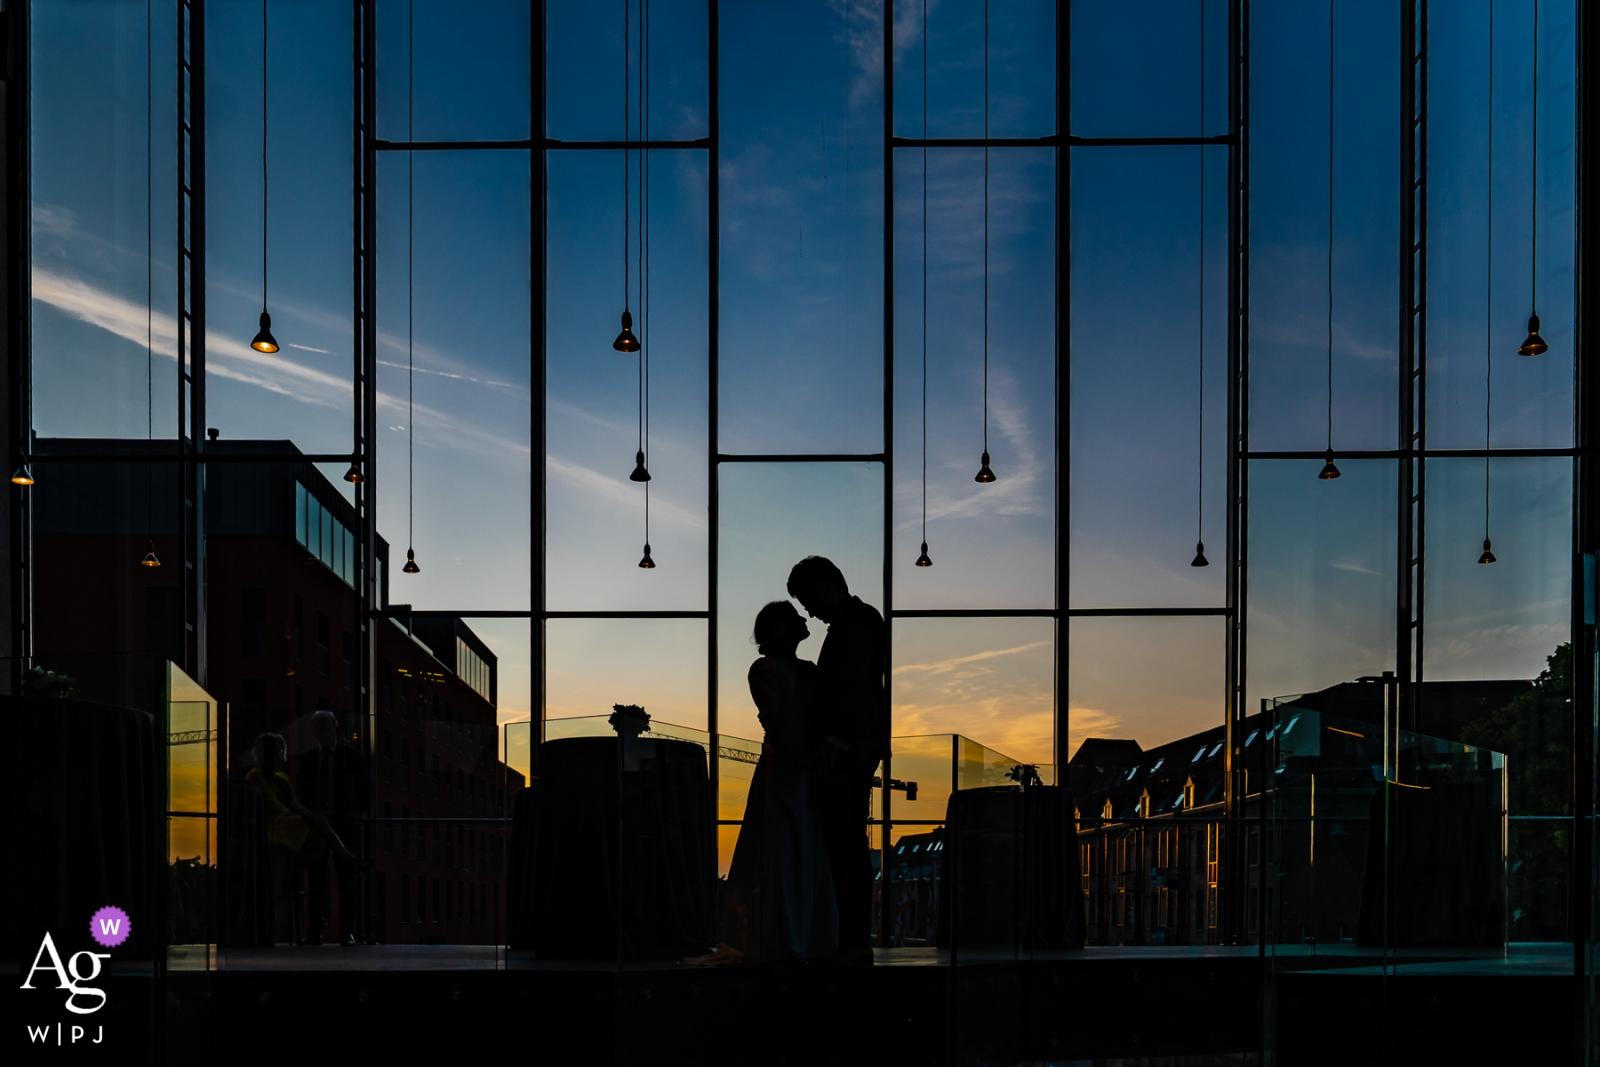 Este retrato de silhueta da noiva e do noivo em frente a uma parede de vidro ao pôr do sol foi desenhado por um fotógrafo de casamento de Flandres